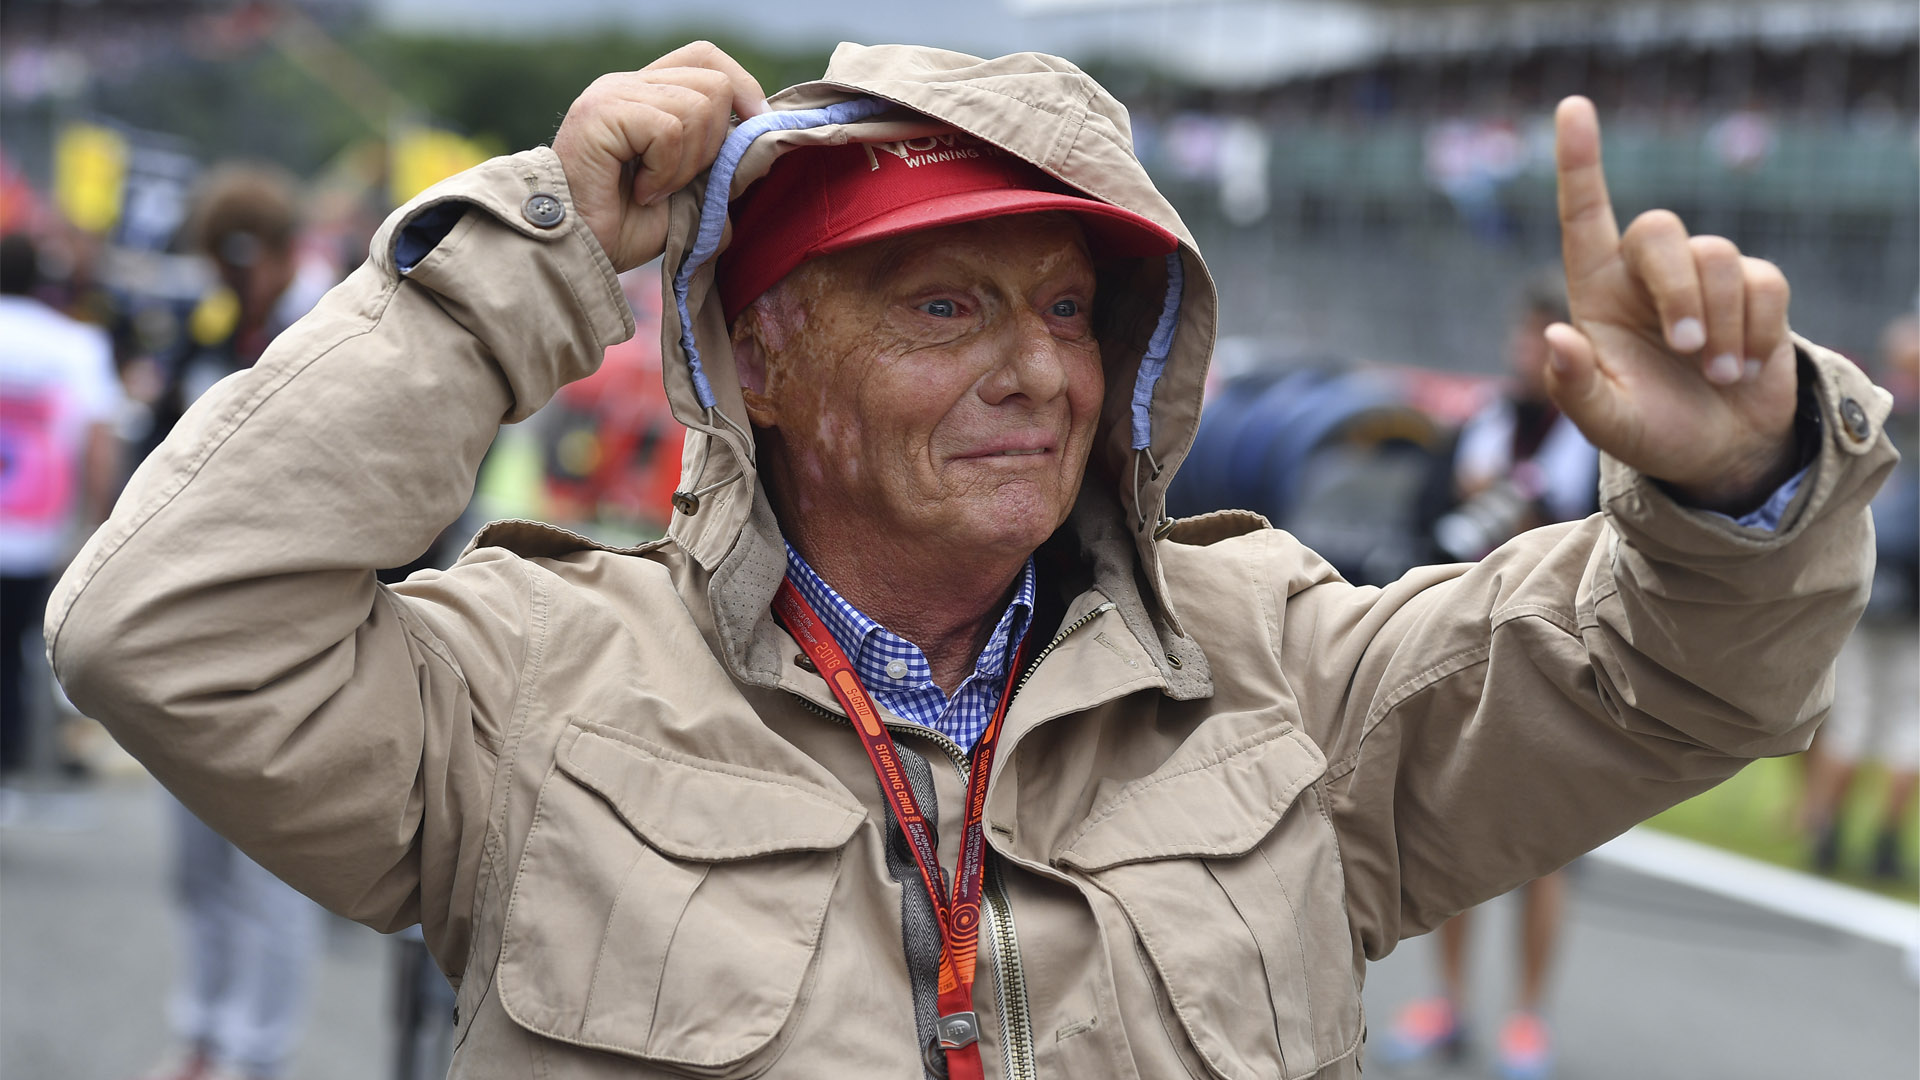 Niki Lauda permanecía con una gorra.